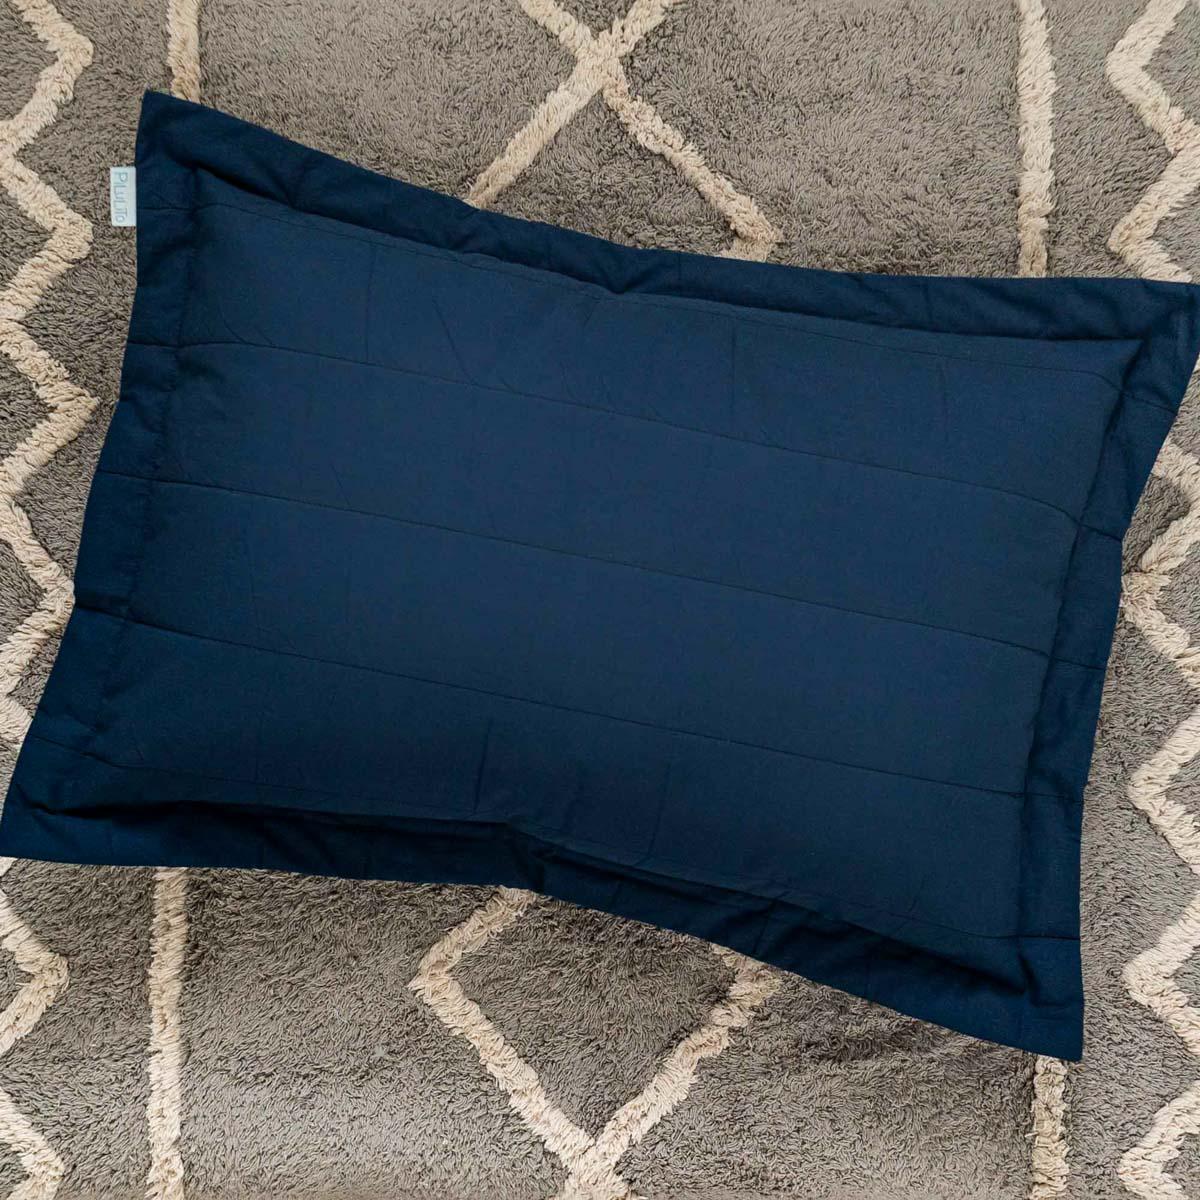 Porta Travesseiro Percal 200 Fios Listras Azul Marinho